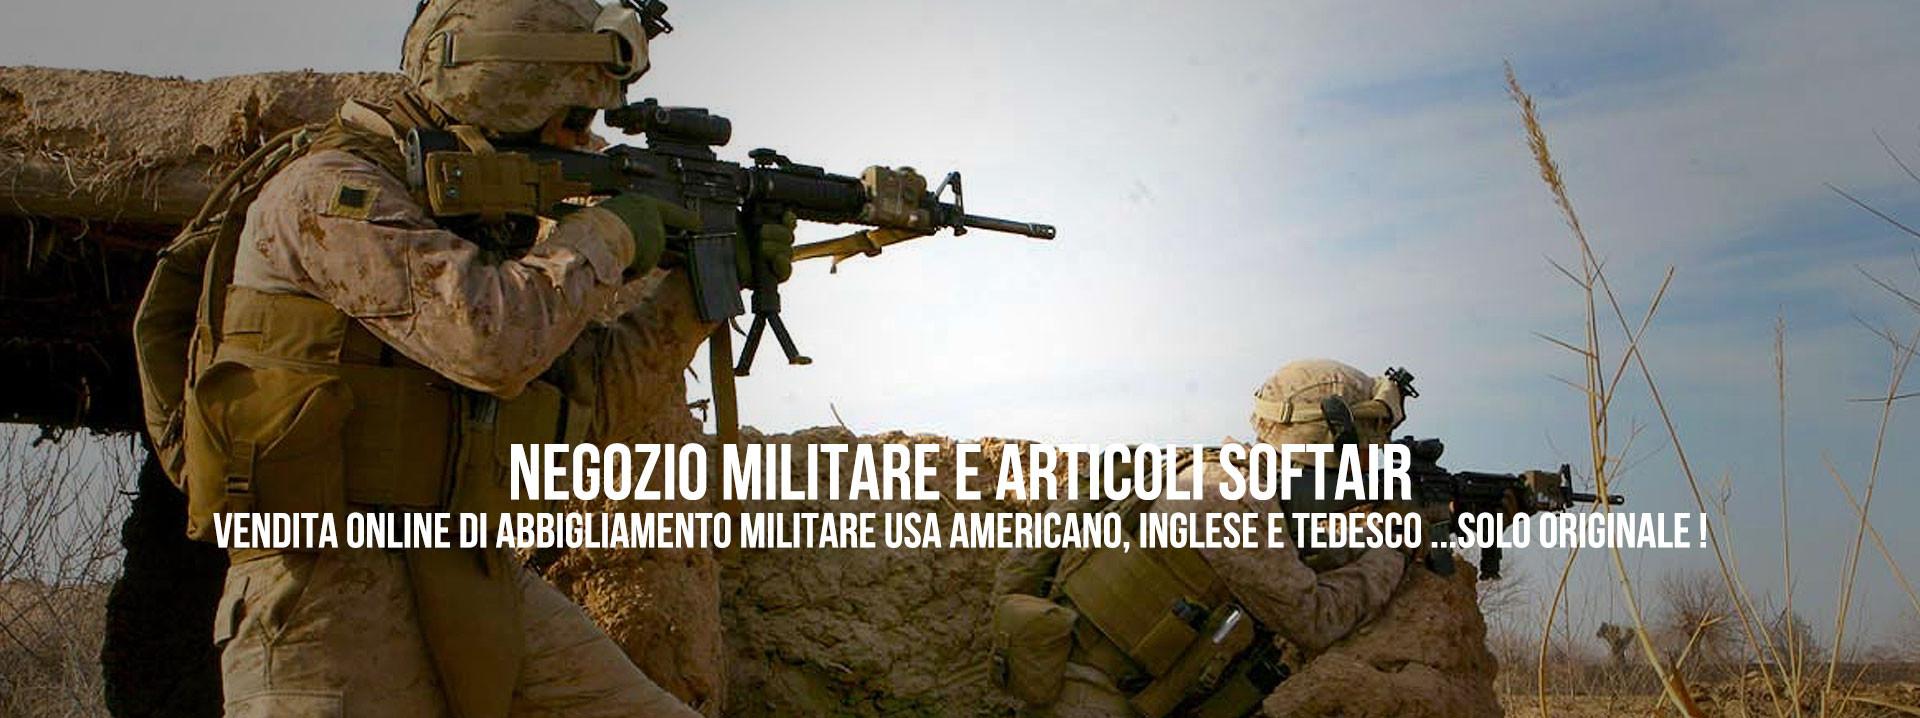 Vendita Online di Abbigliamento Militare USA Americano, Inglese e Tedesco... Solo Originale!